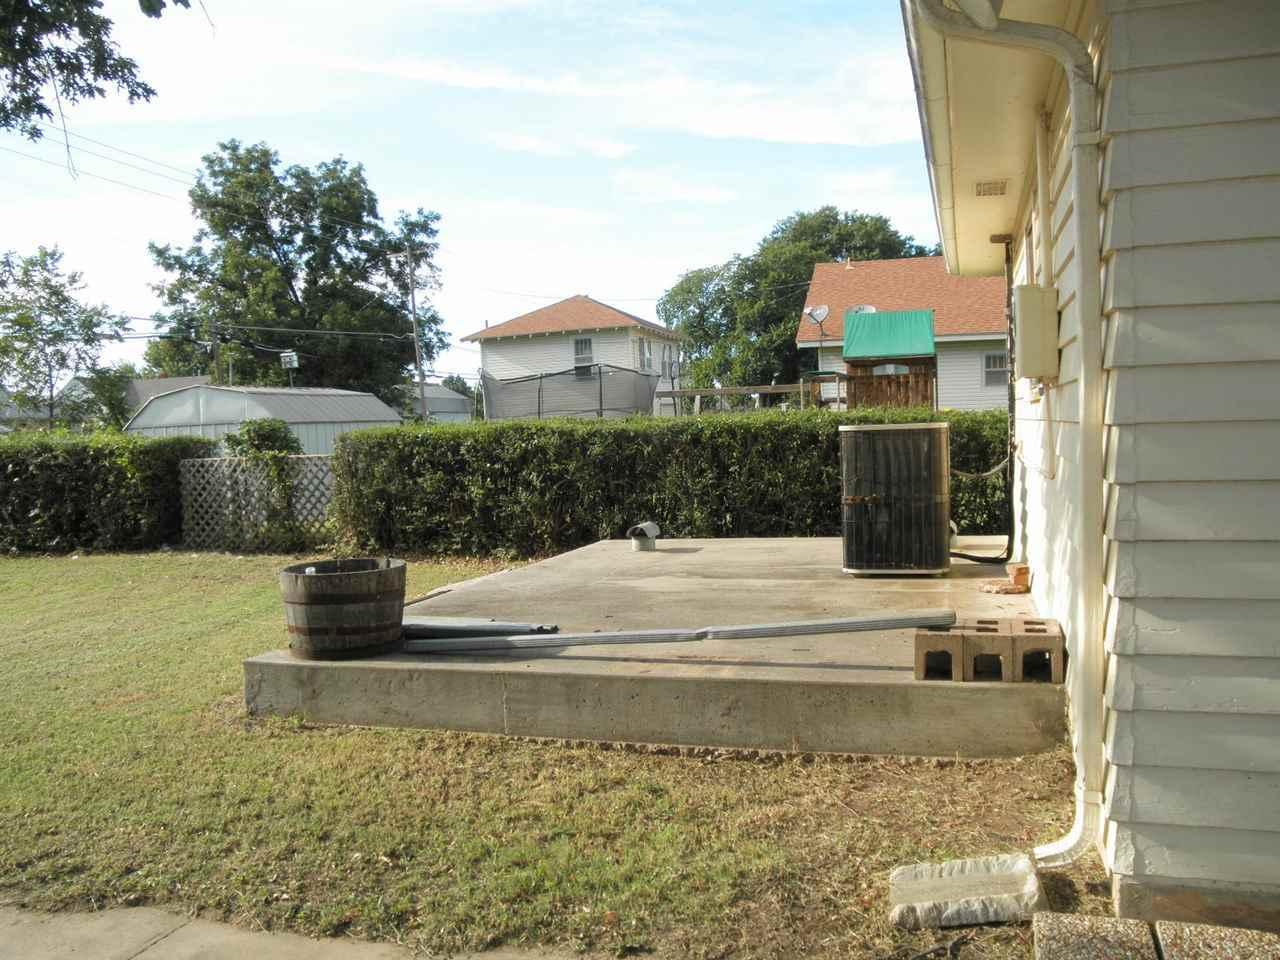 Sold Cross Sale W/ MLS | 1227 S Main  Blackwell, OK 74631 23